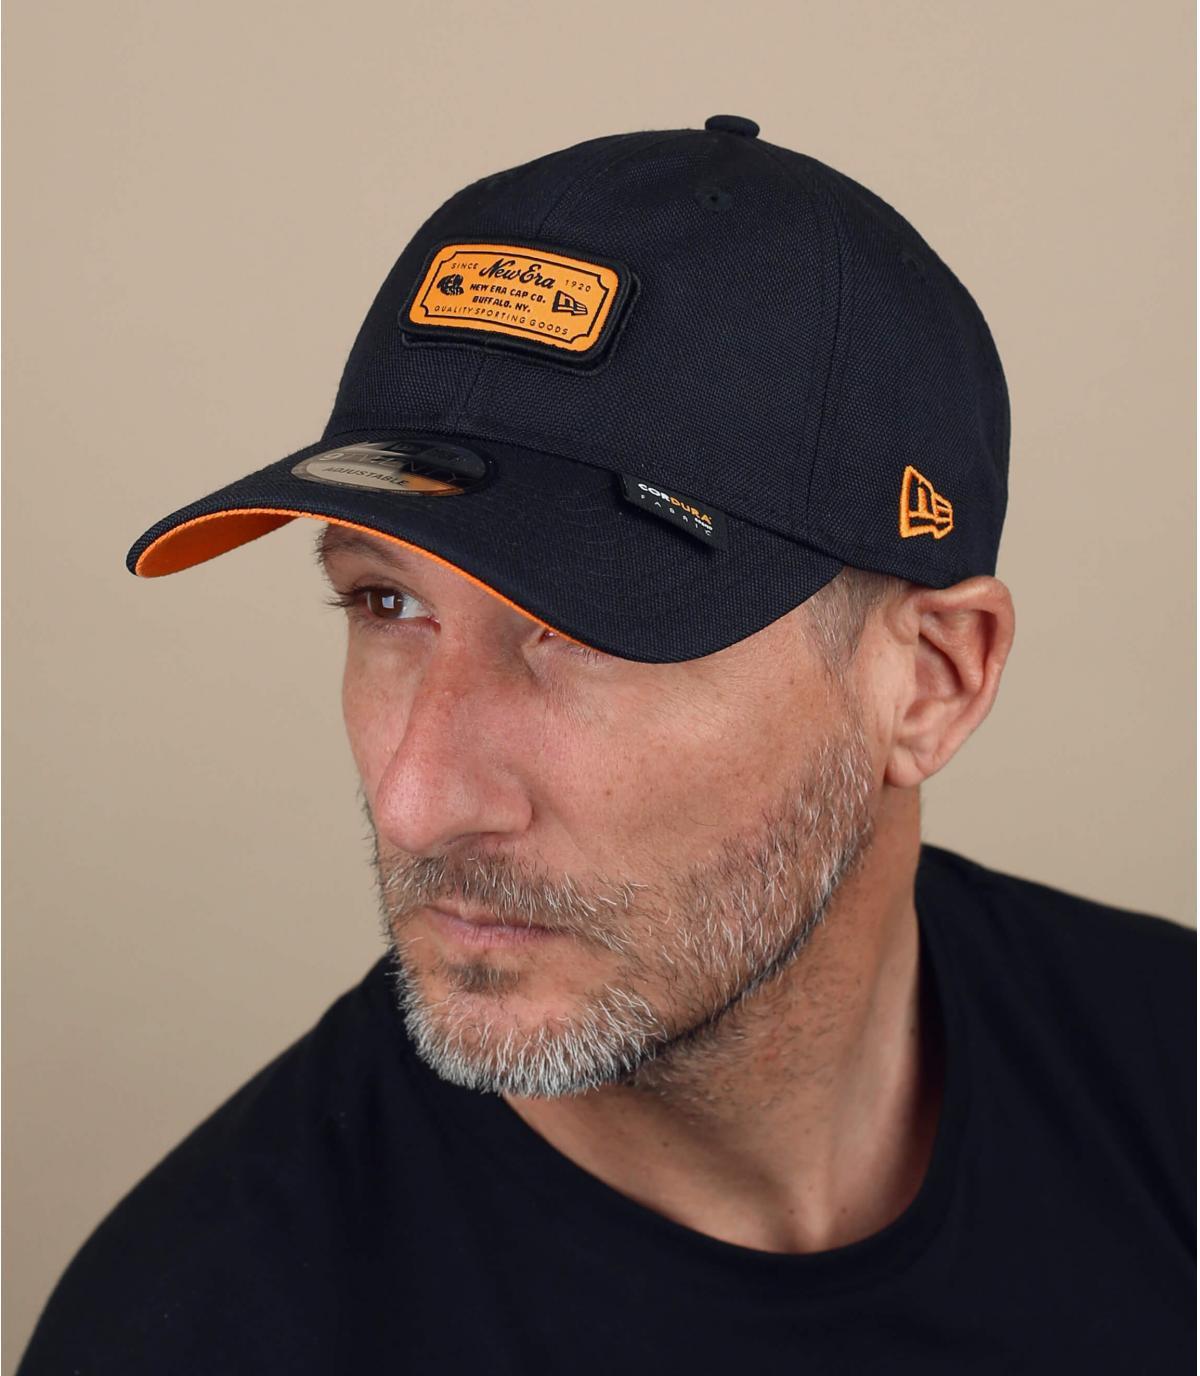 gorra New Era negro naranja